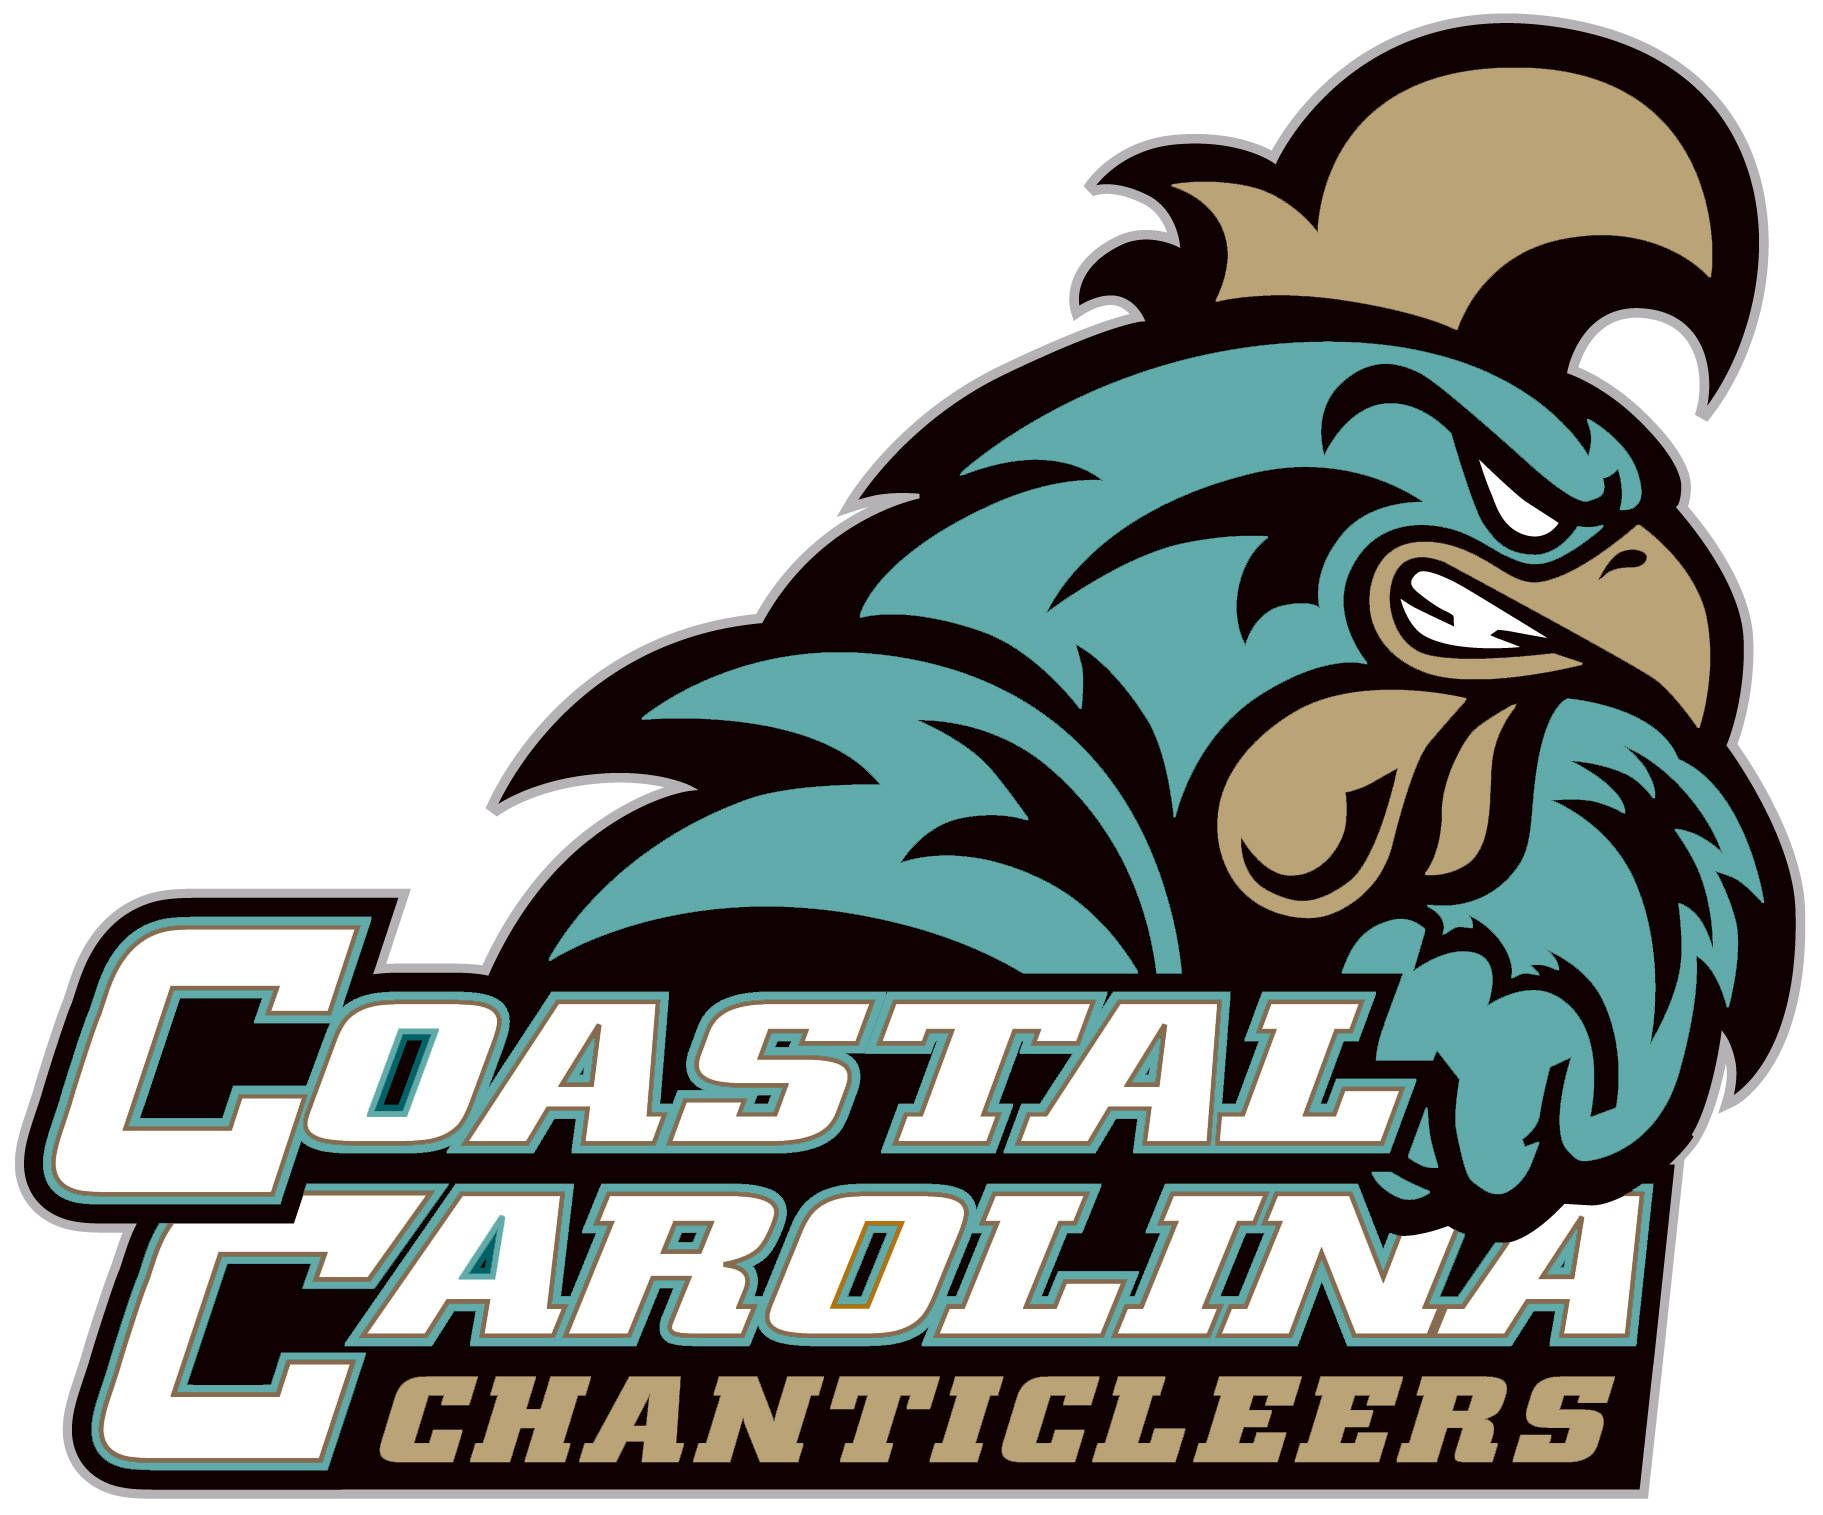 Coastal Carolina Chanticleers, NCAA Division I/Big South